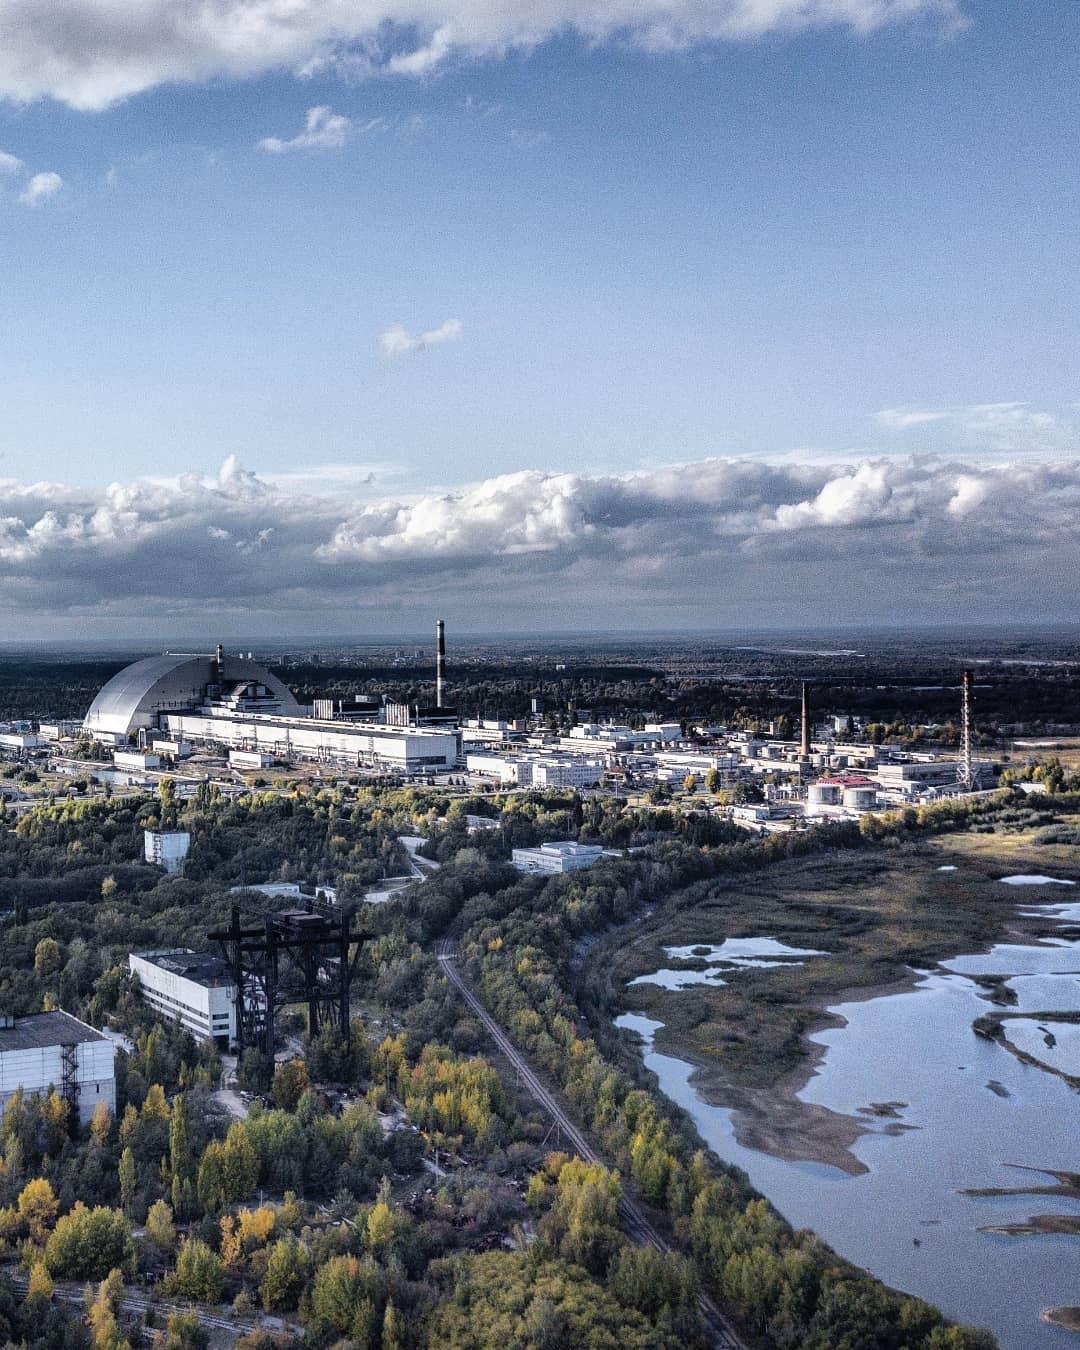 【原発事故】海外の写真家が撮った現在のチェルノブイリとその周辺、なんか神秘的だな・・・・・(画像)・6枚目